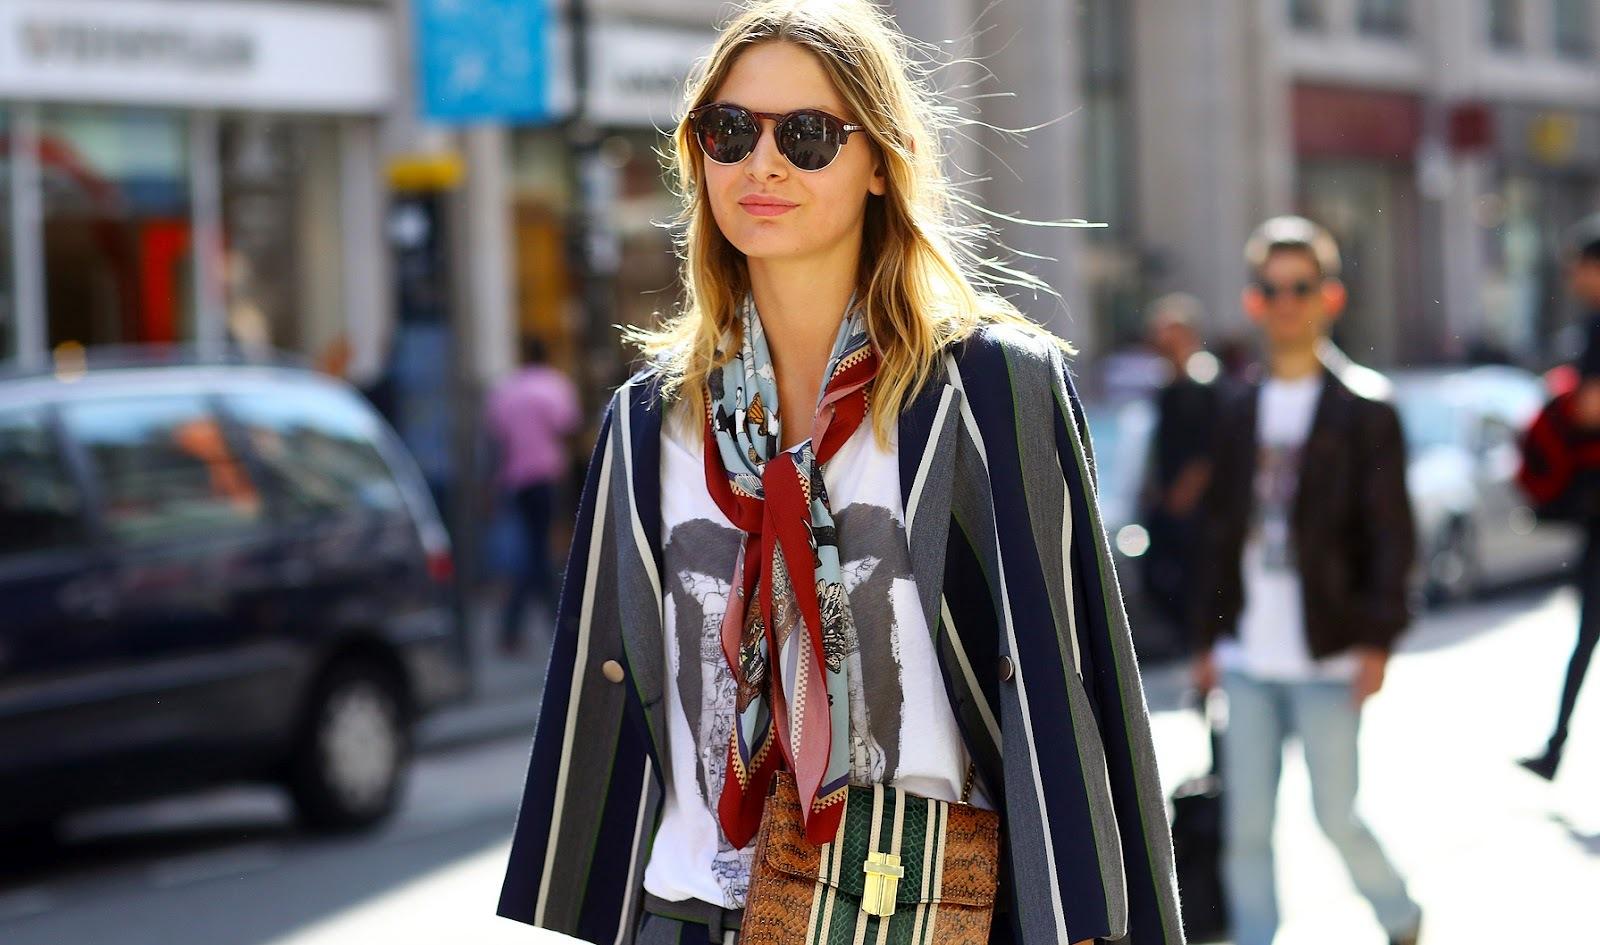 street-style-scarves-2.jpg